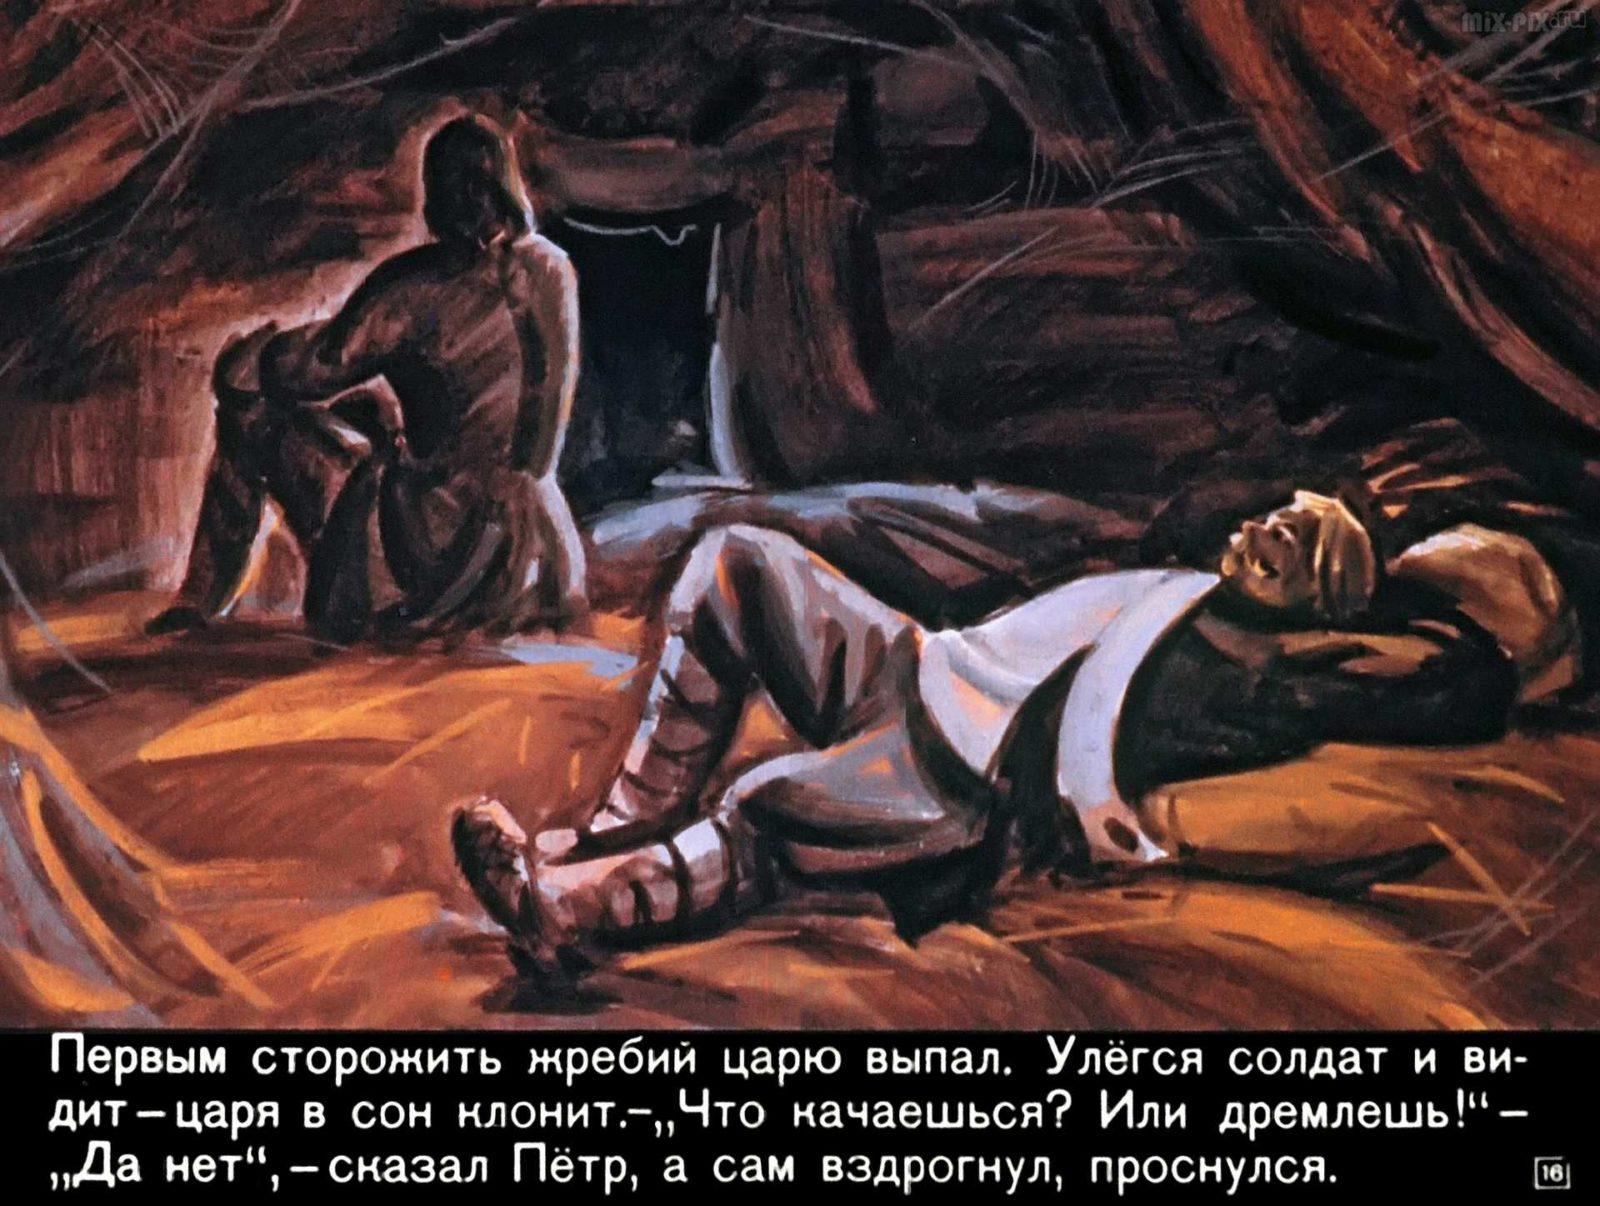 Сказка о бывалом солдате, царе и двенадцати разбойниках (1969) 29